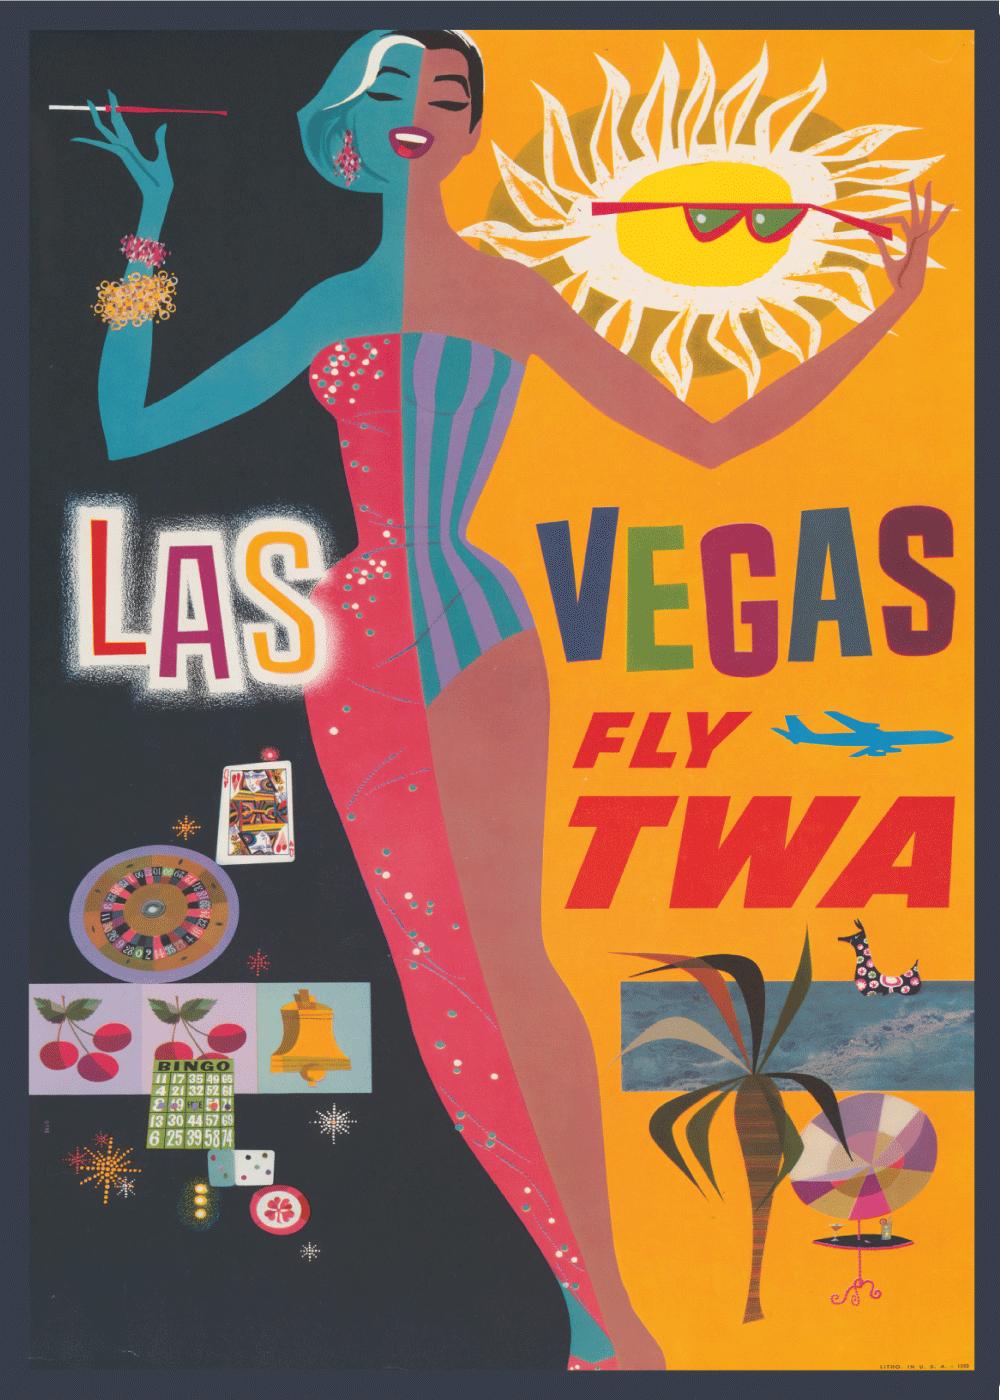 Billede af Las Vegas - Retro plakat